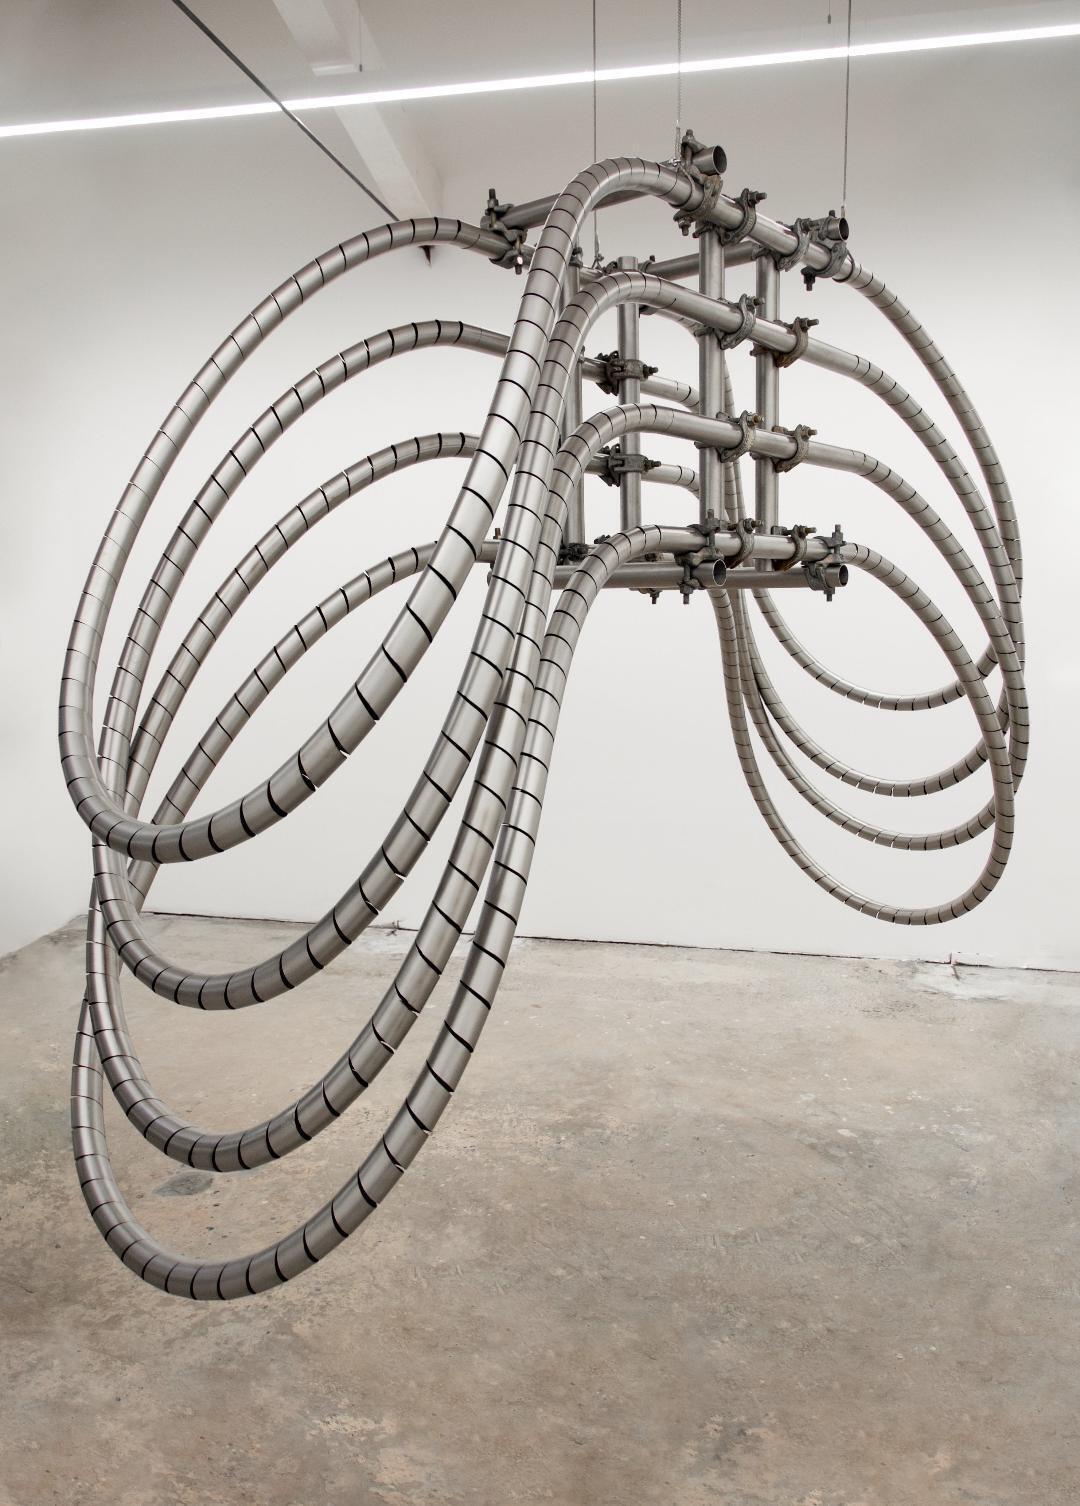 Luciana Lamothe, Sin título, 2018, tubos de acero inoxidable y grampas para andamio, 180 x 90 x 280 cm, Cortesía Galería Alberta Pane